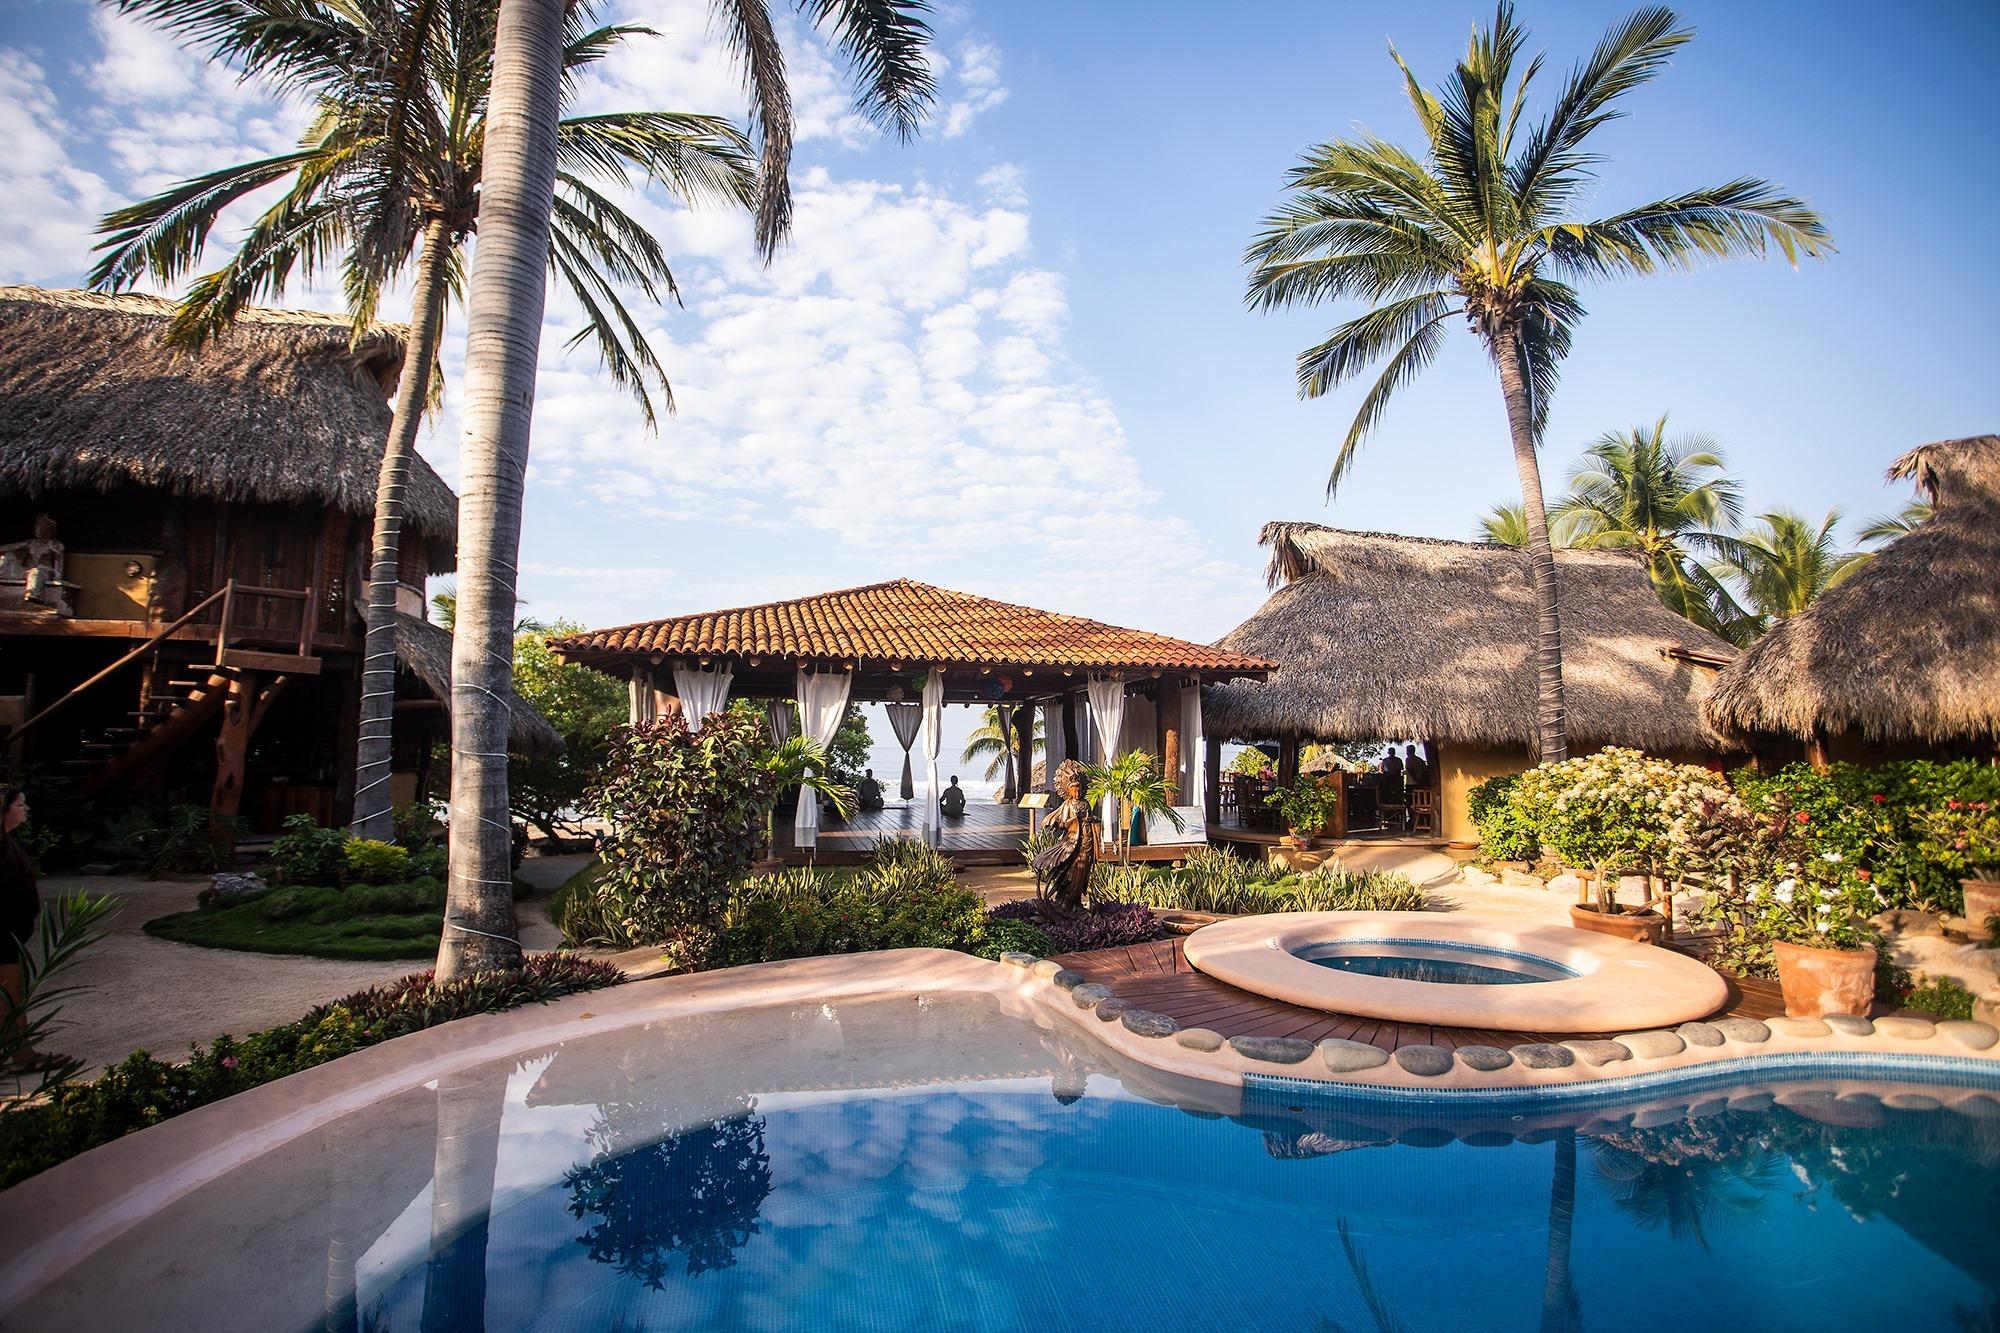 Foto exterior de una habitación de hotel con vista a piscina